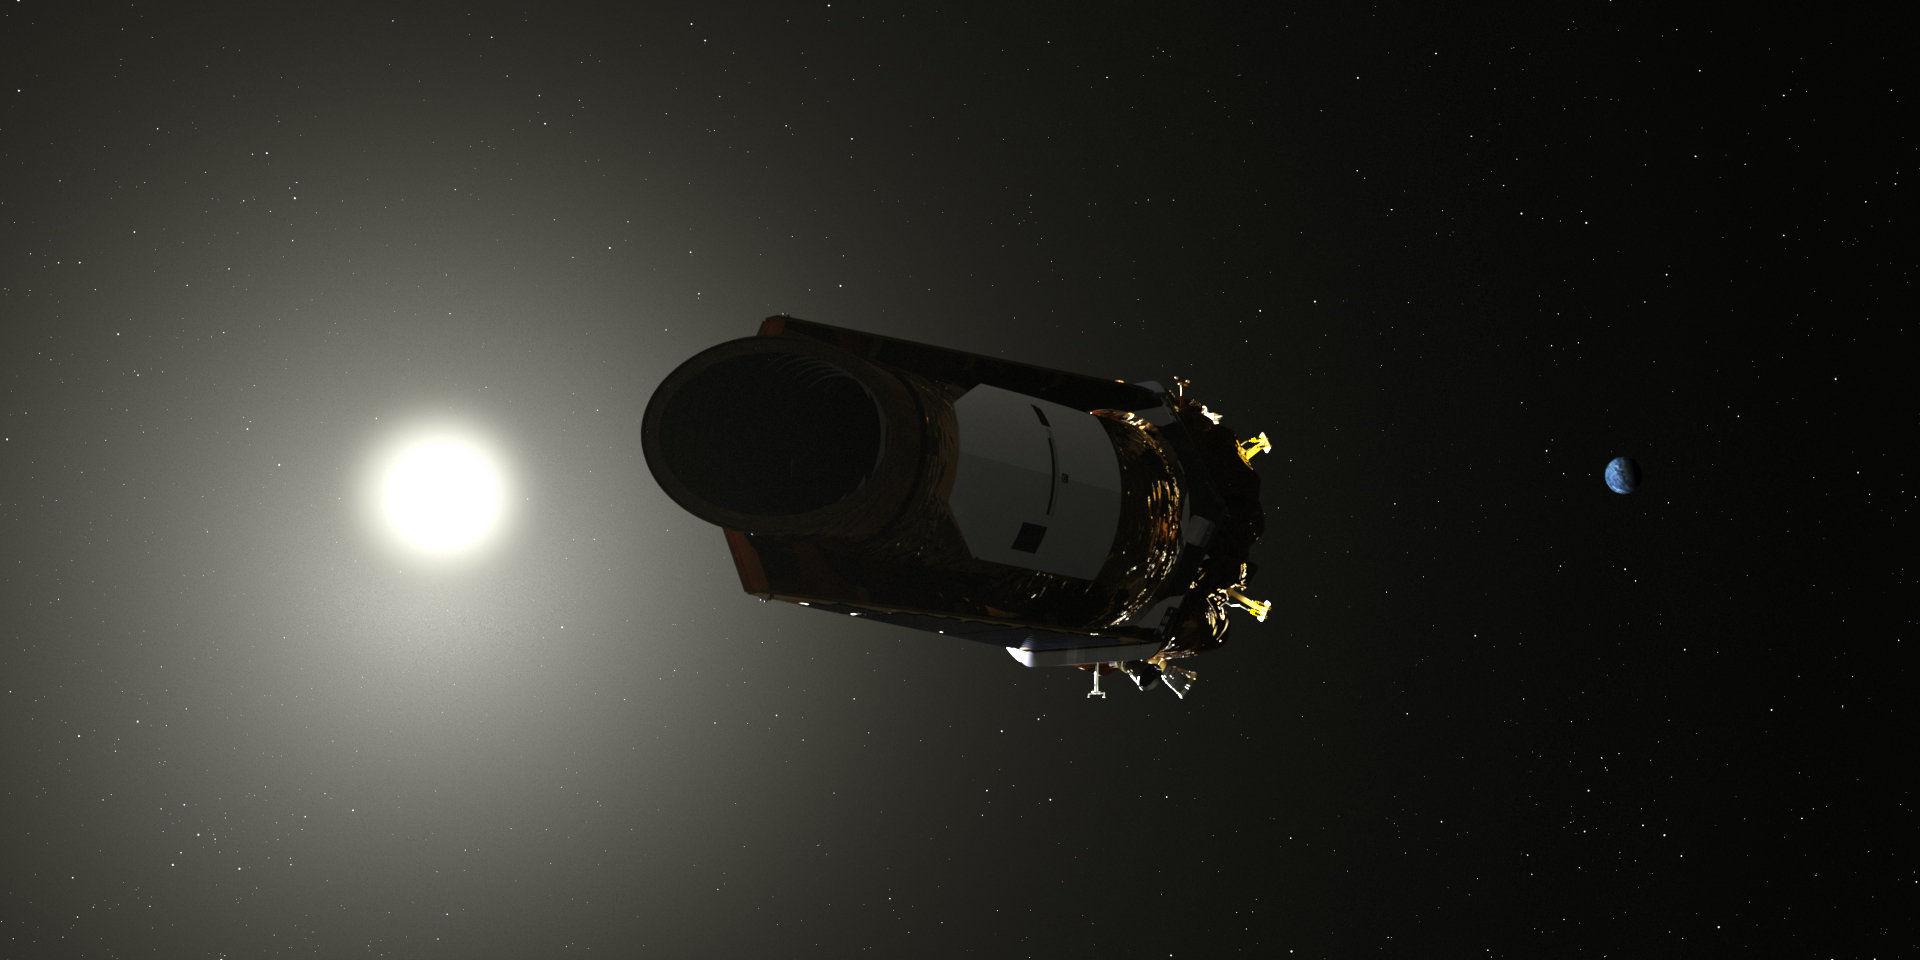 Справочная: космическая обсерватория «Кеплер» — железо, связь с Землей, ПО и результаты работы